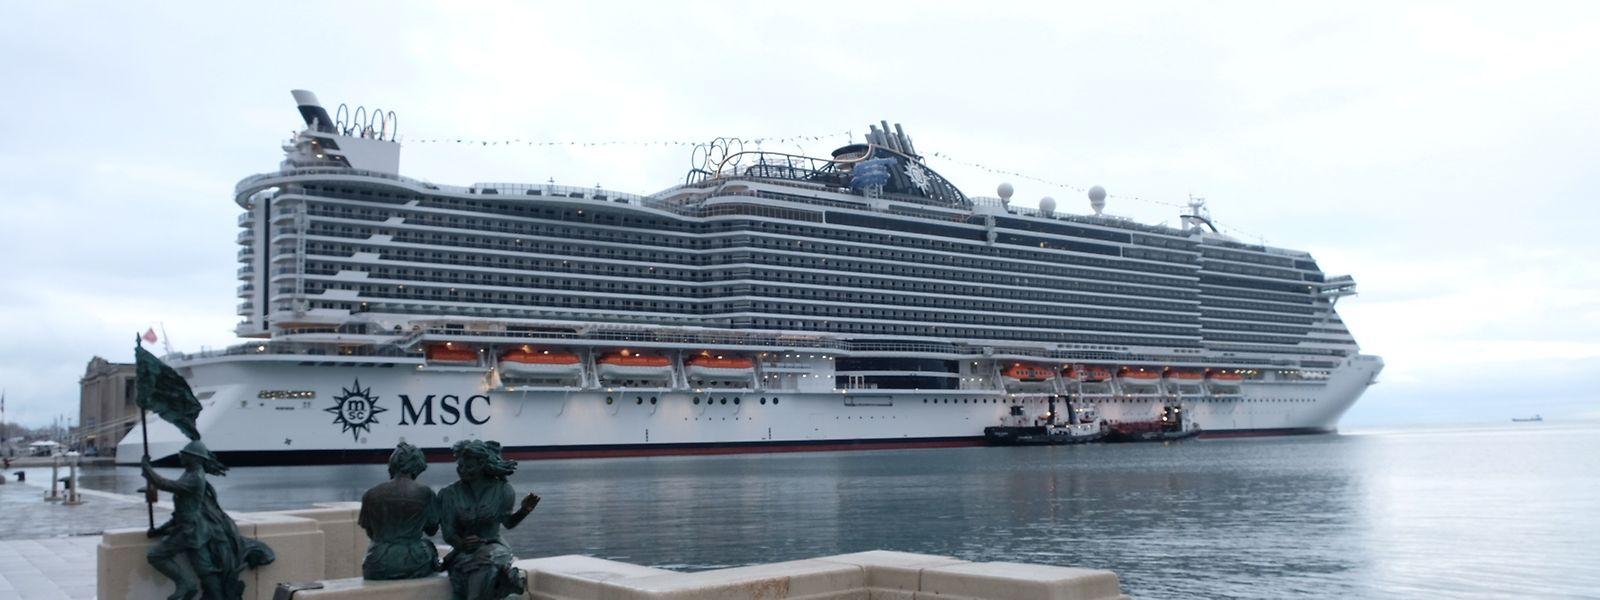 Die MSC Seaside am Donnerstag in Triest. Am Freitag brach das neue Schiff zu einer drei Wochen dauernden Kreuzfahrt nach Miami auf. Dort wird es am 21. Dezember getauft. In den kommenden Jahren wird der Neubau in der Karibik unterwegs sein.